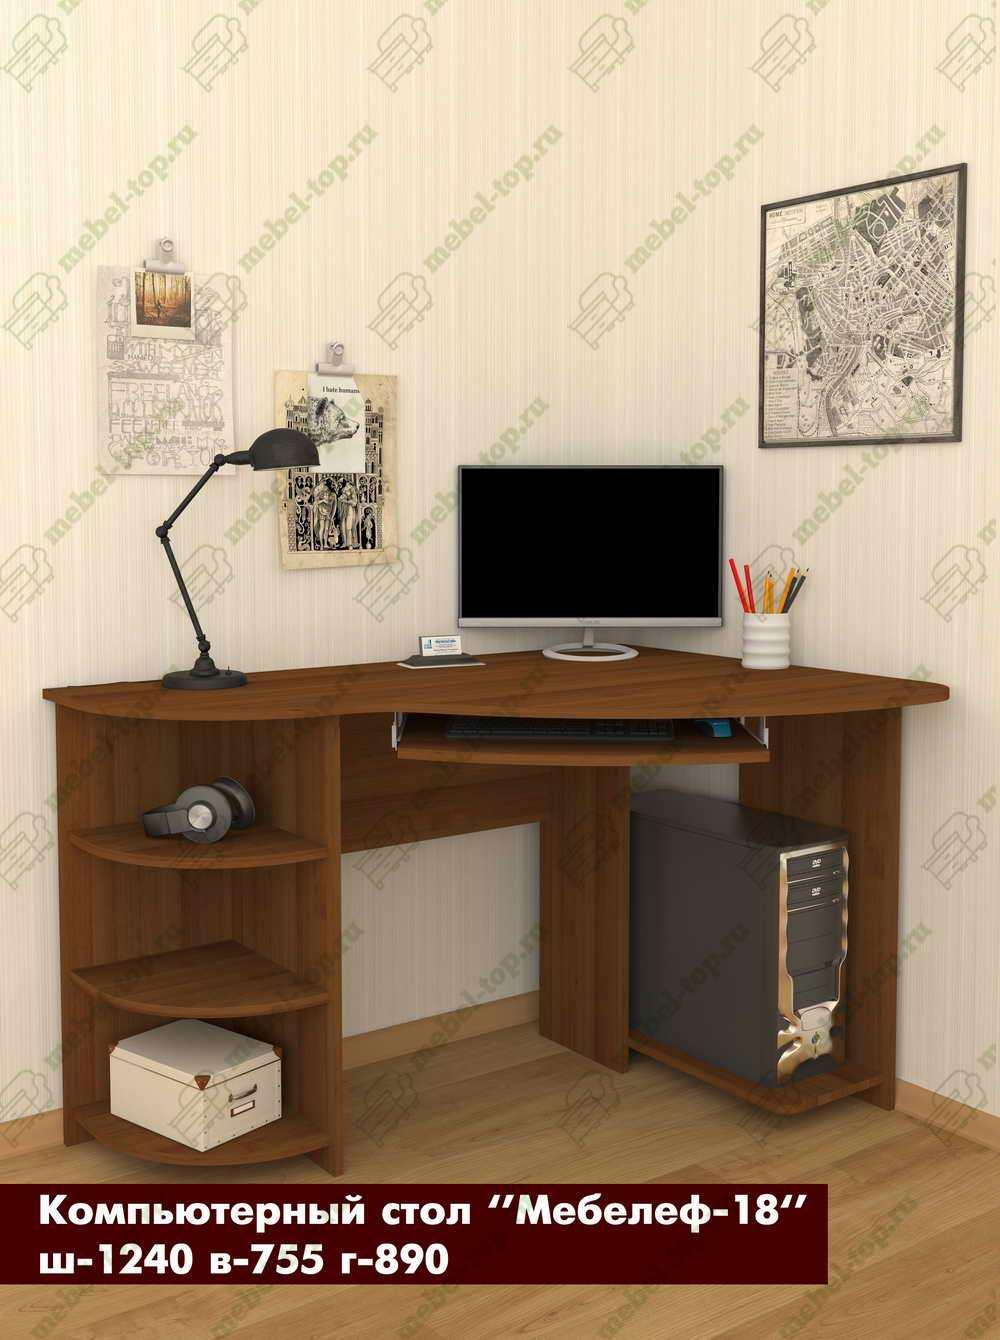 Компьютерный стол Мебелеф-18